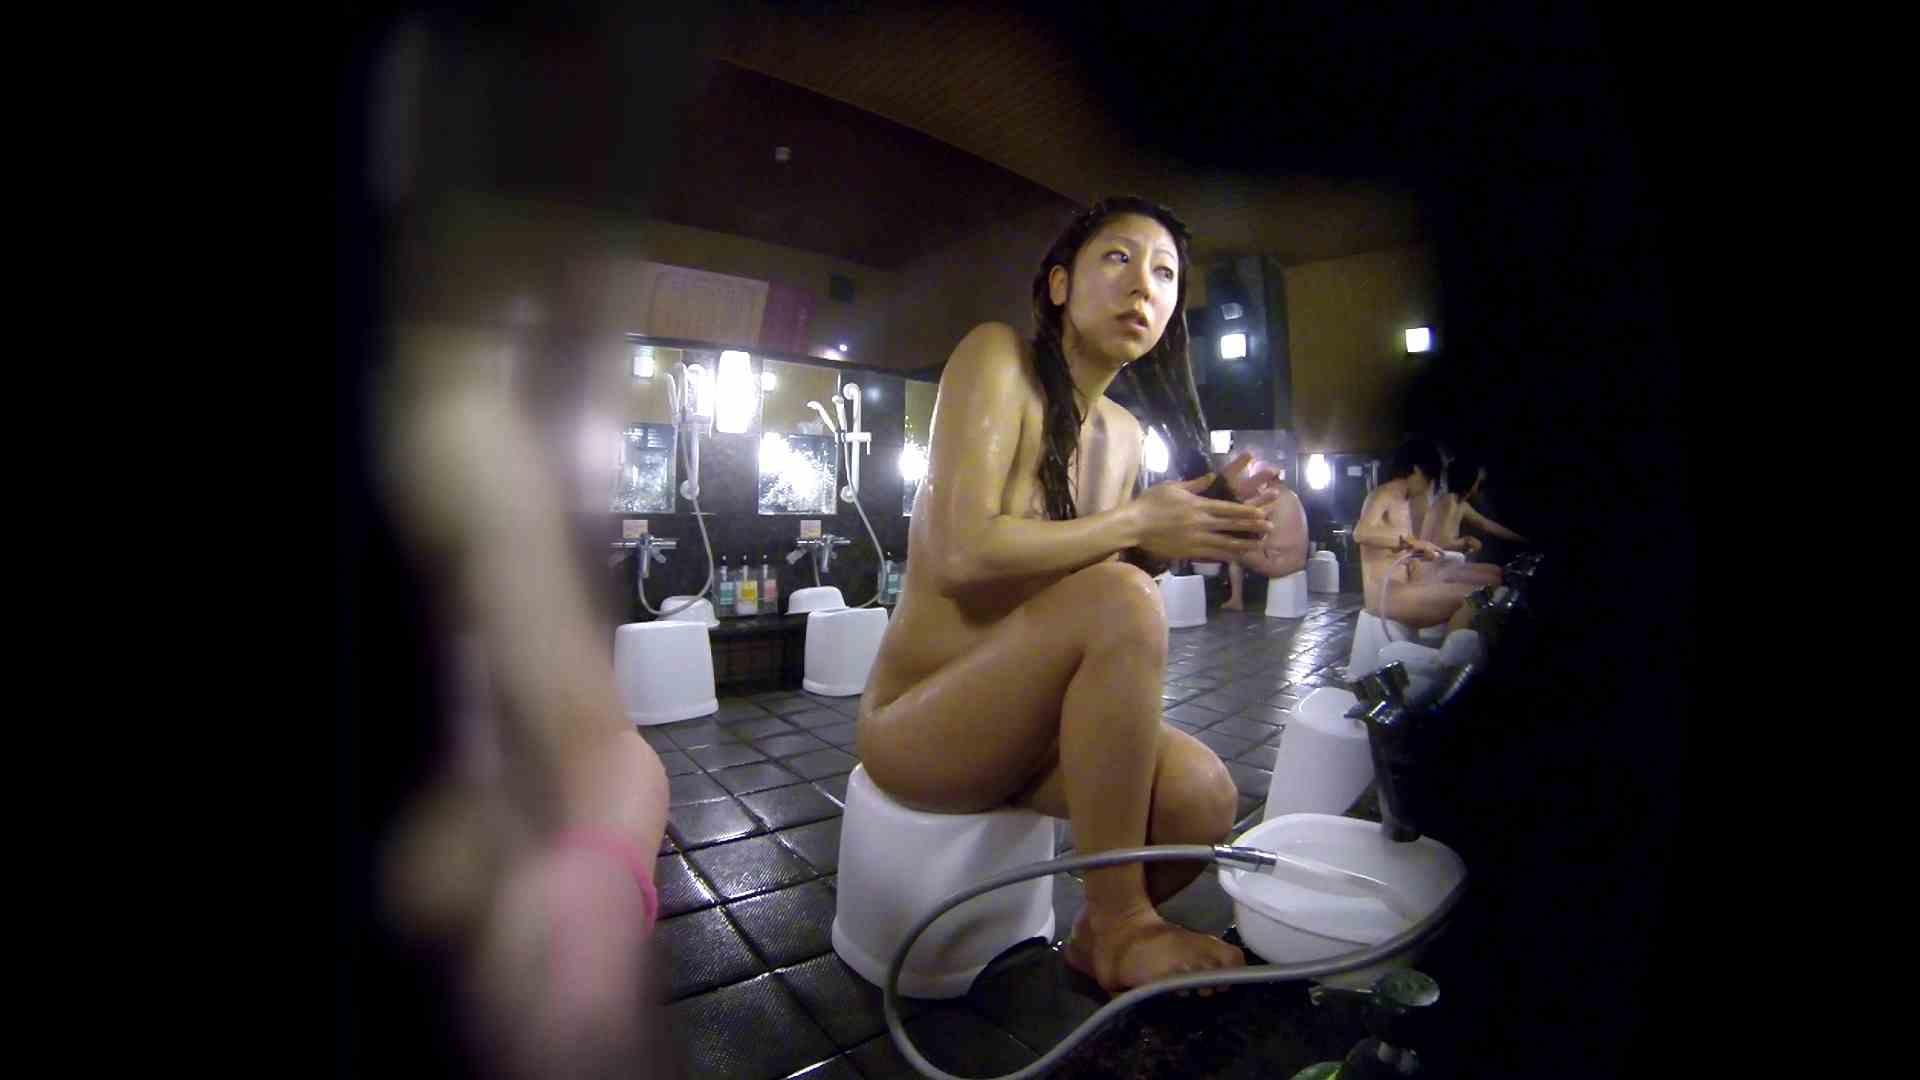 洗い場!綺麗に整えられた陰毛に嫉妬します。 細身女性 おめこ無修正画像 63画像 3